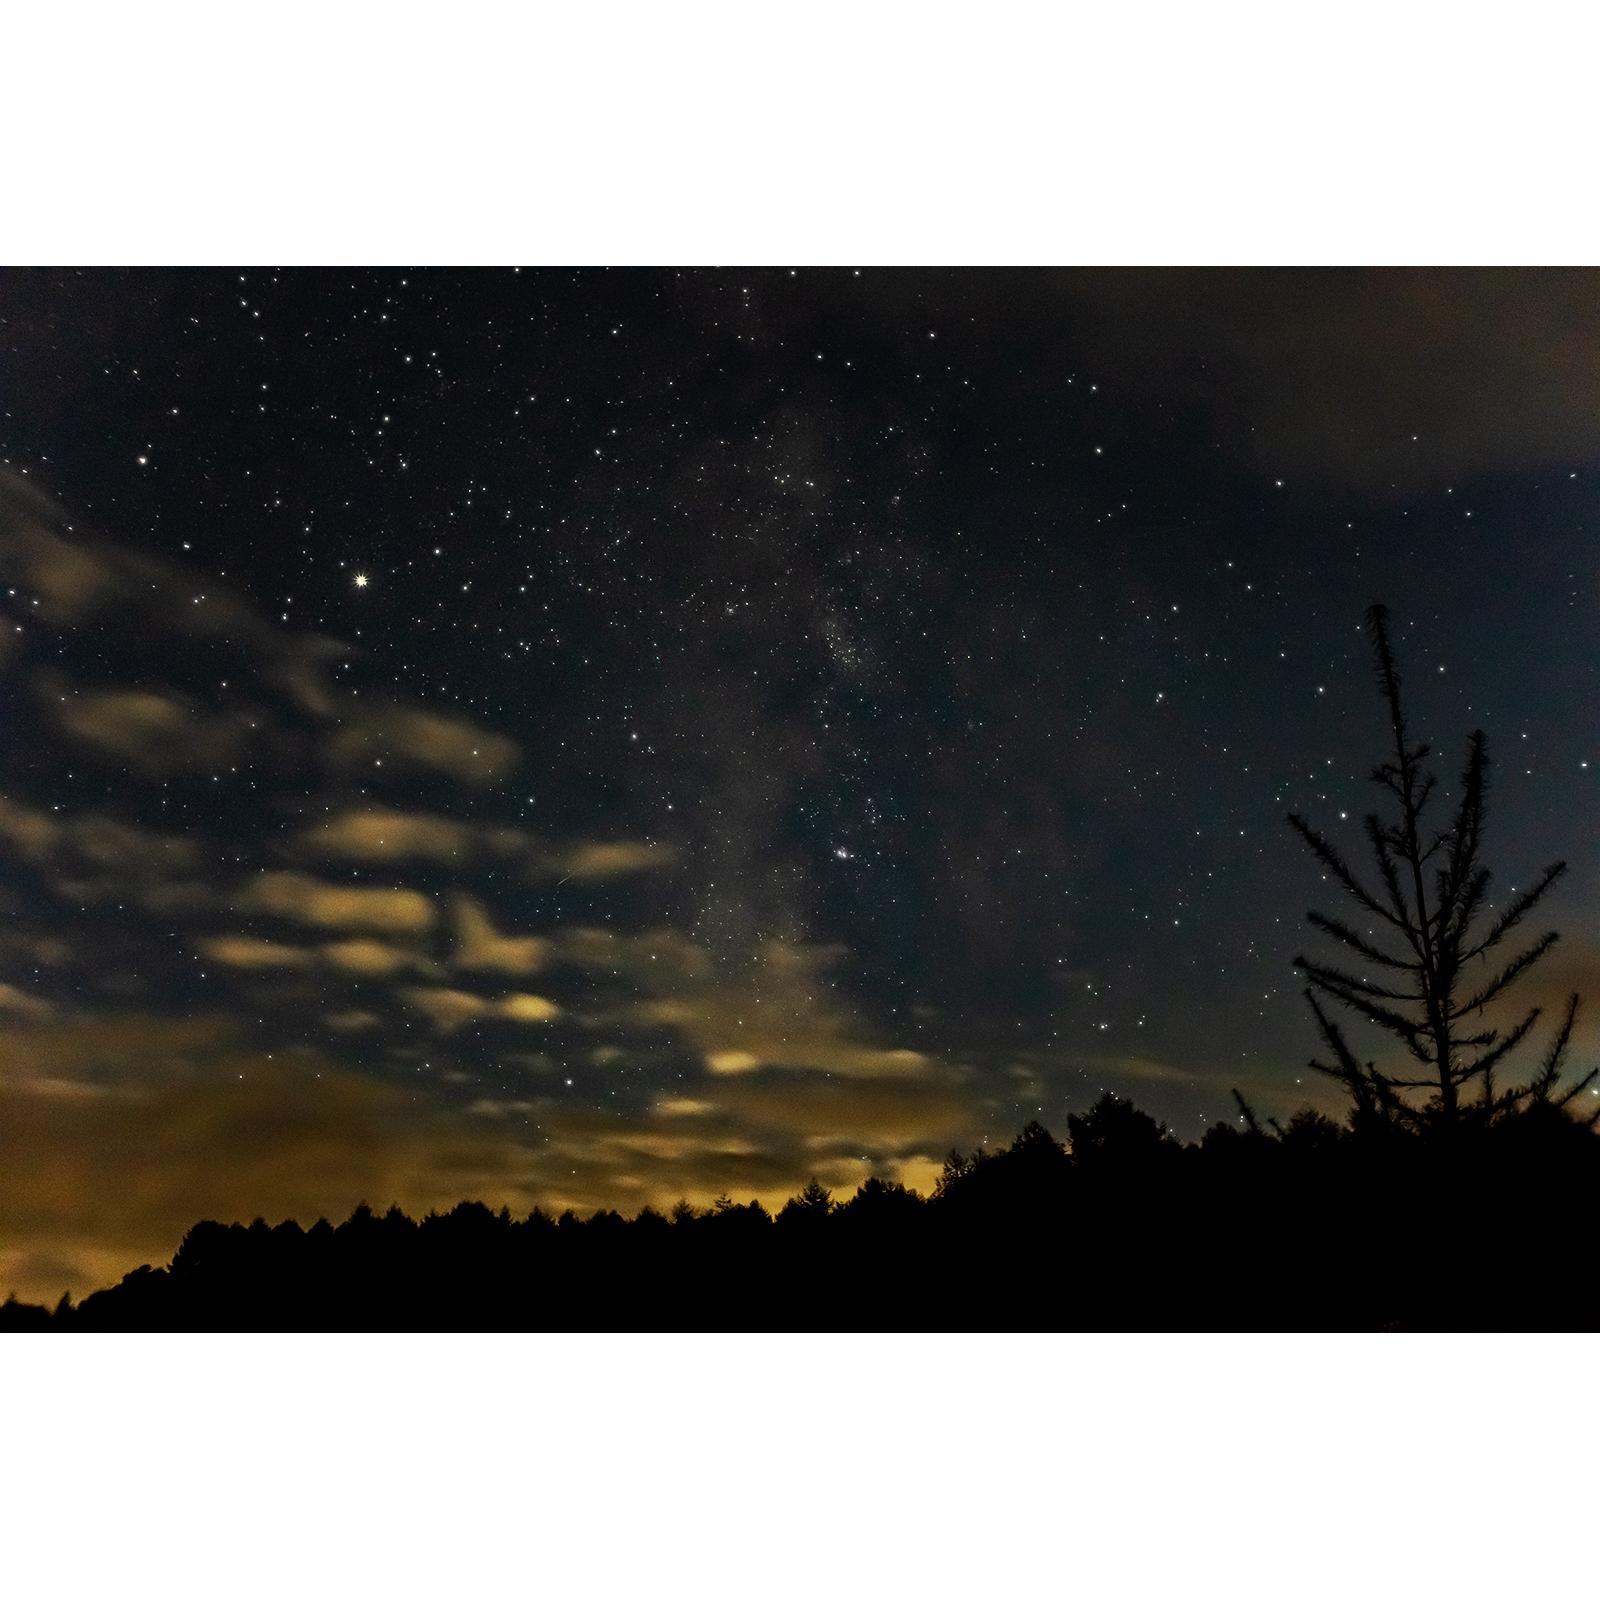 星空 指数 ヶ 原 戦場 ご存じですか?戦場ヶ原の星は冬が1番よく見えるんです♪